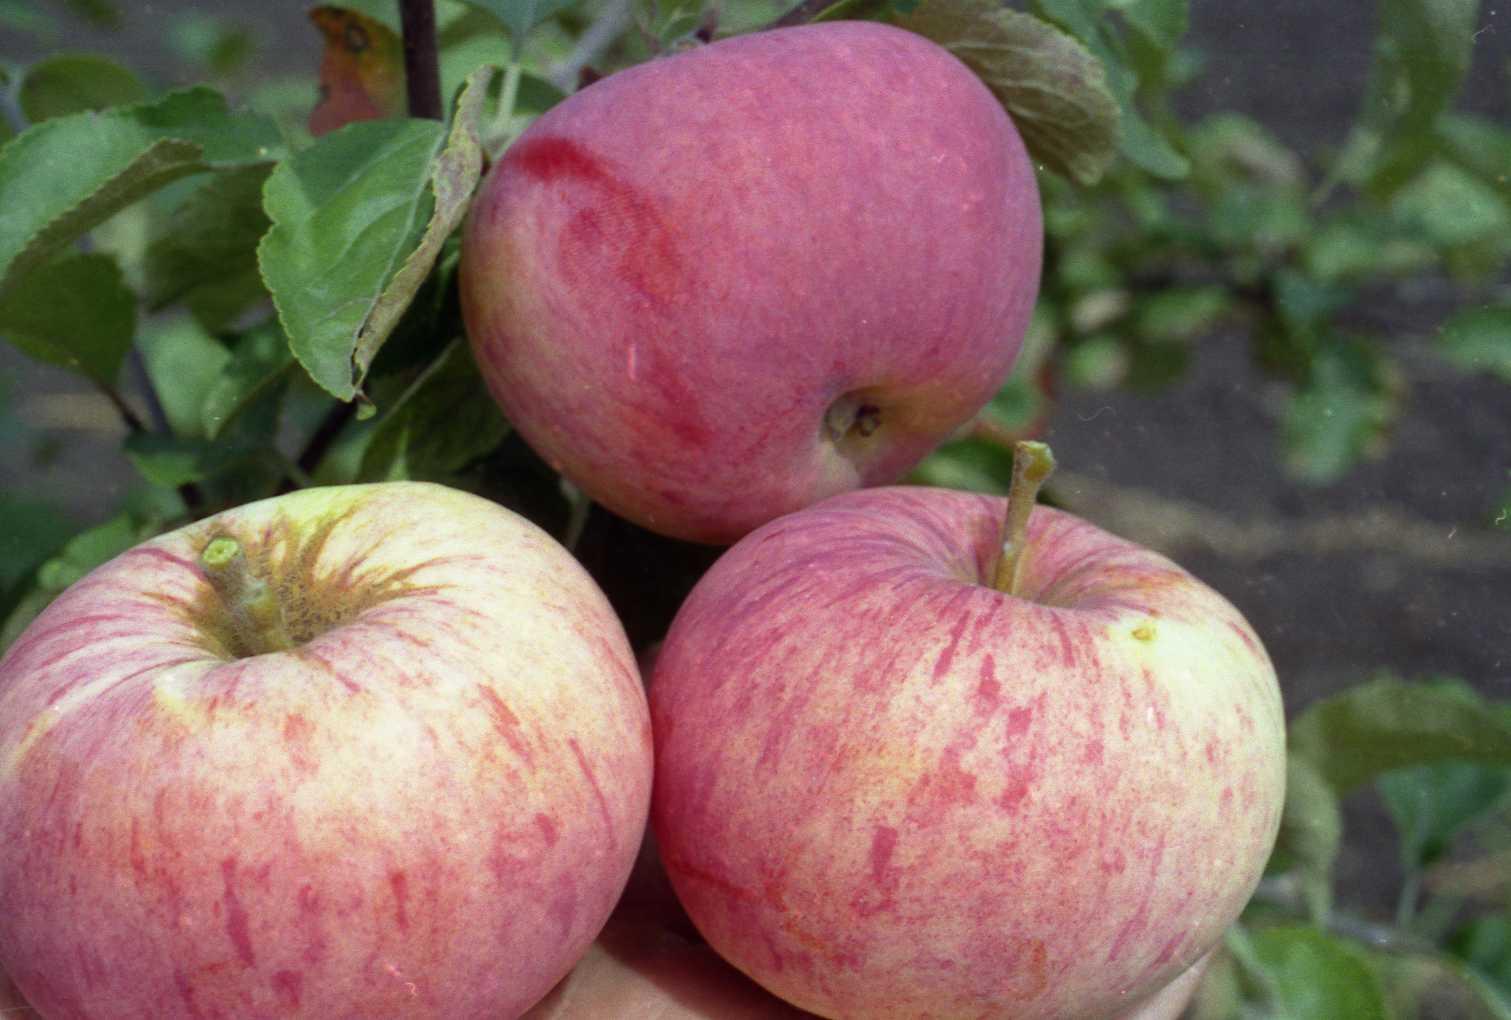 Яблоня жигулевская: описание сорта и его фото, как правильно посадить и ухаживать